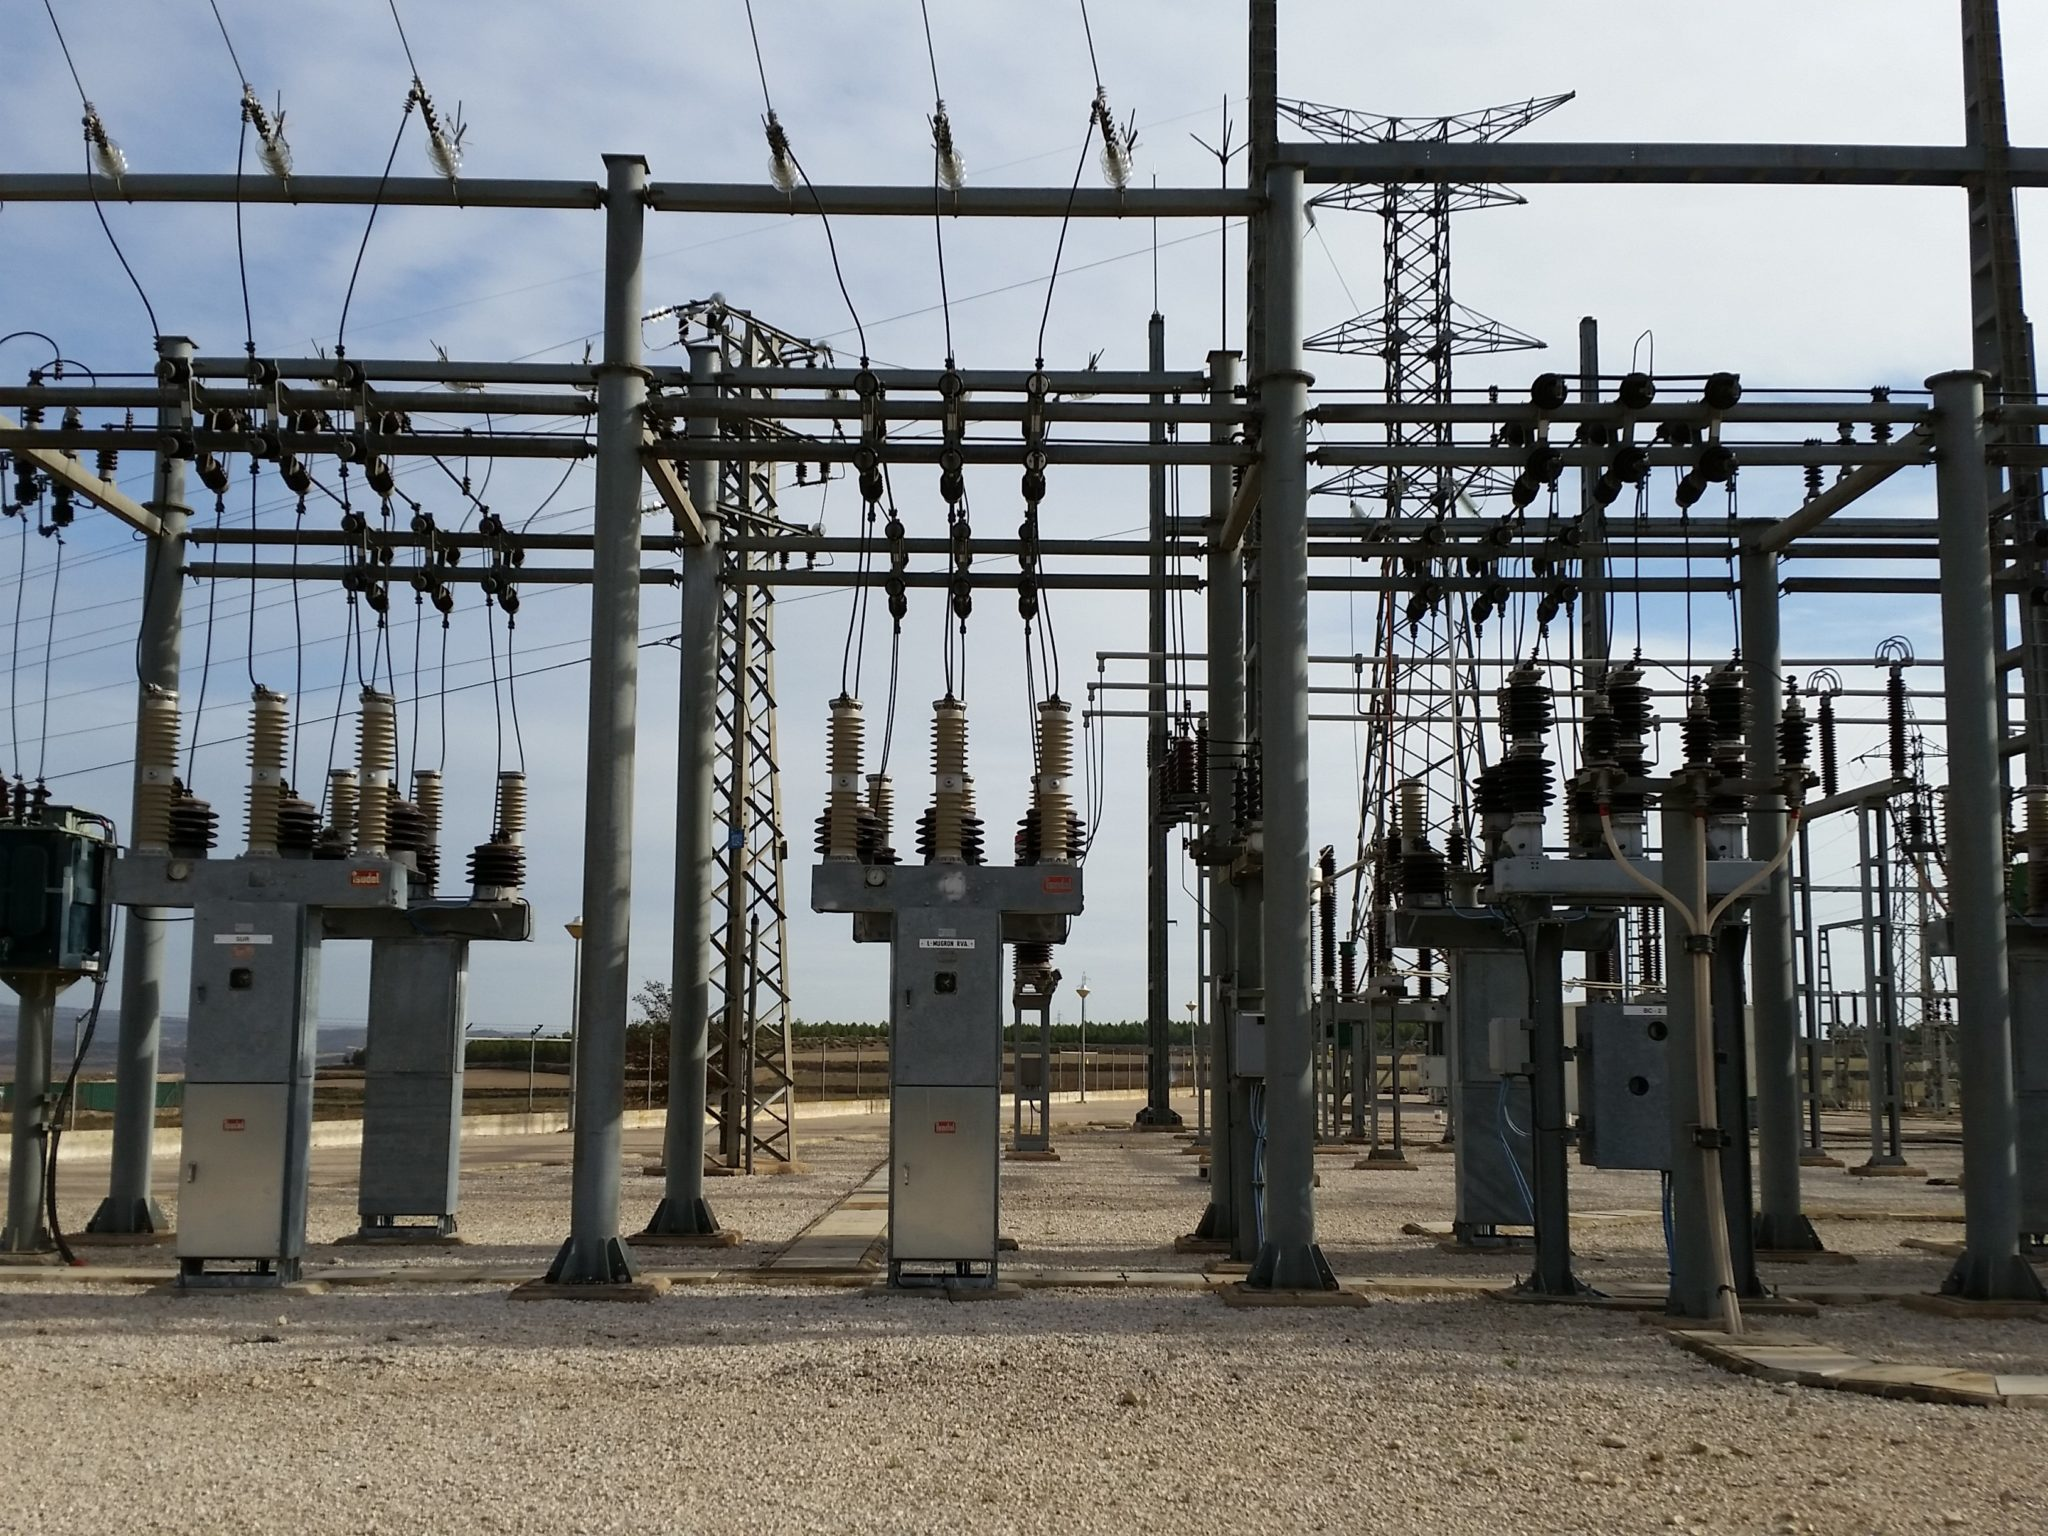 Subestaci%c3%b3n-el%c3%a9ctrica-ideas-medioambientales